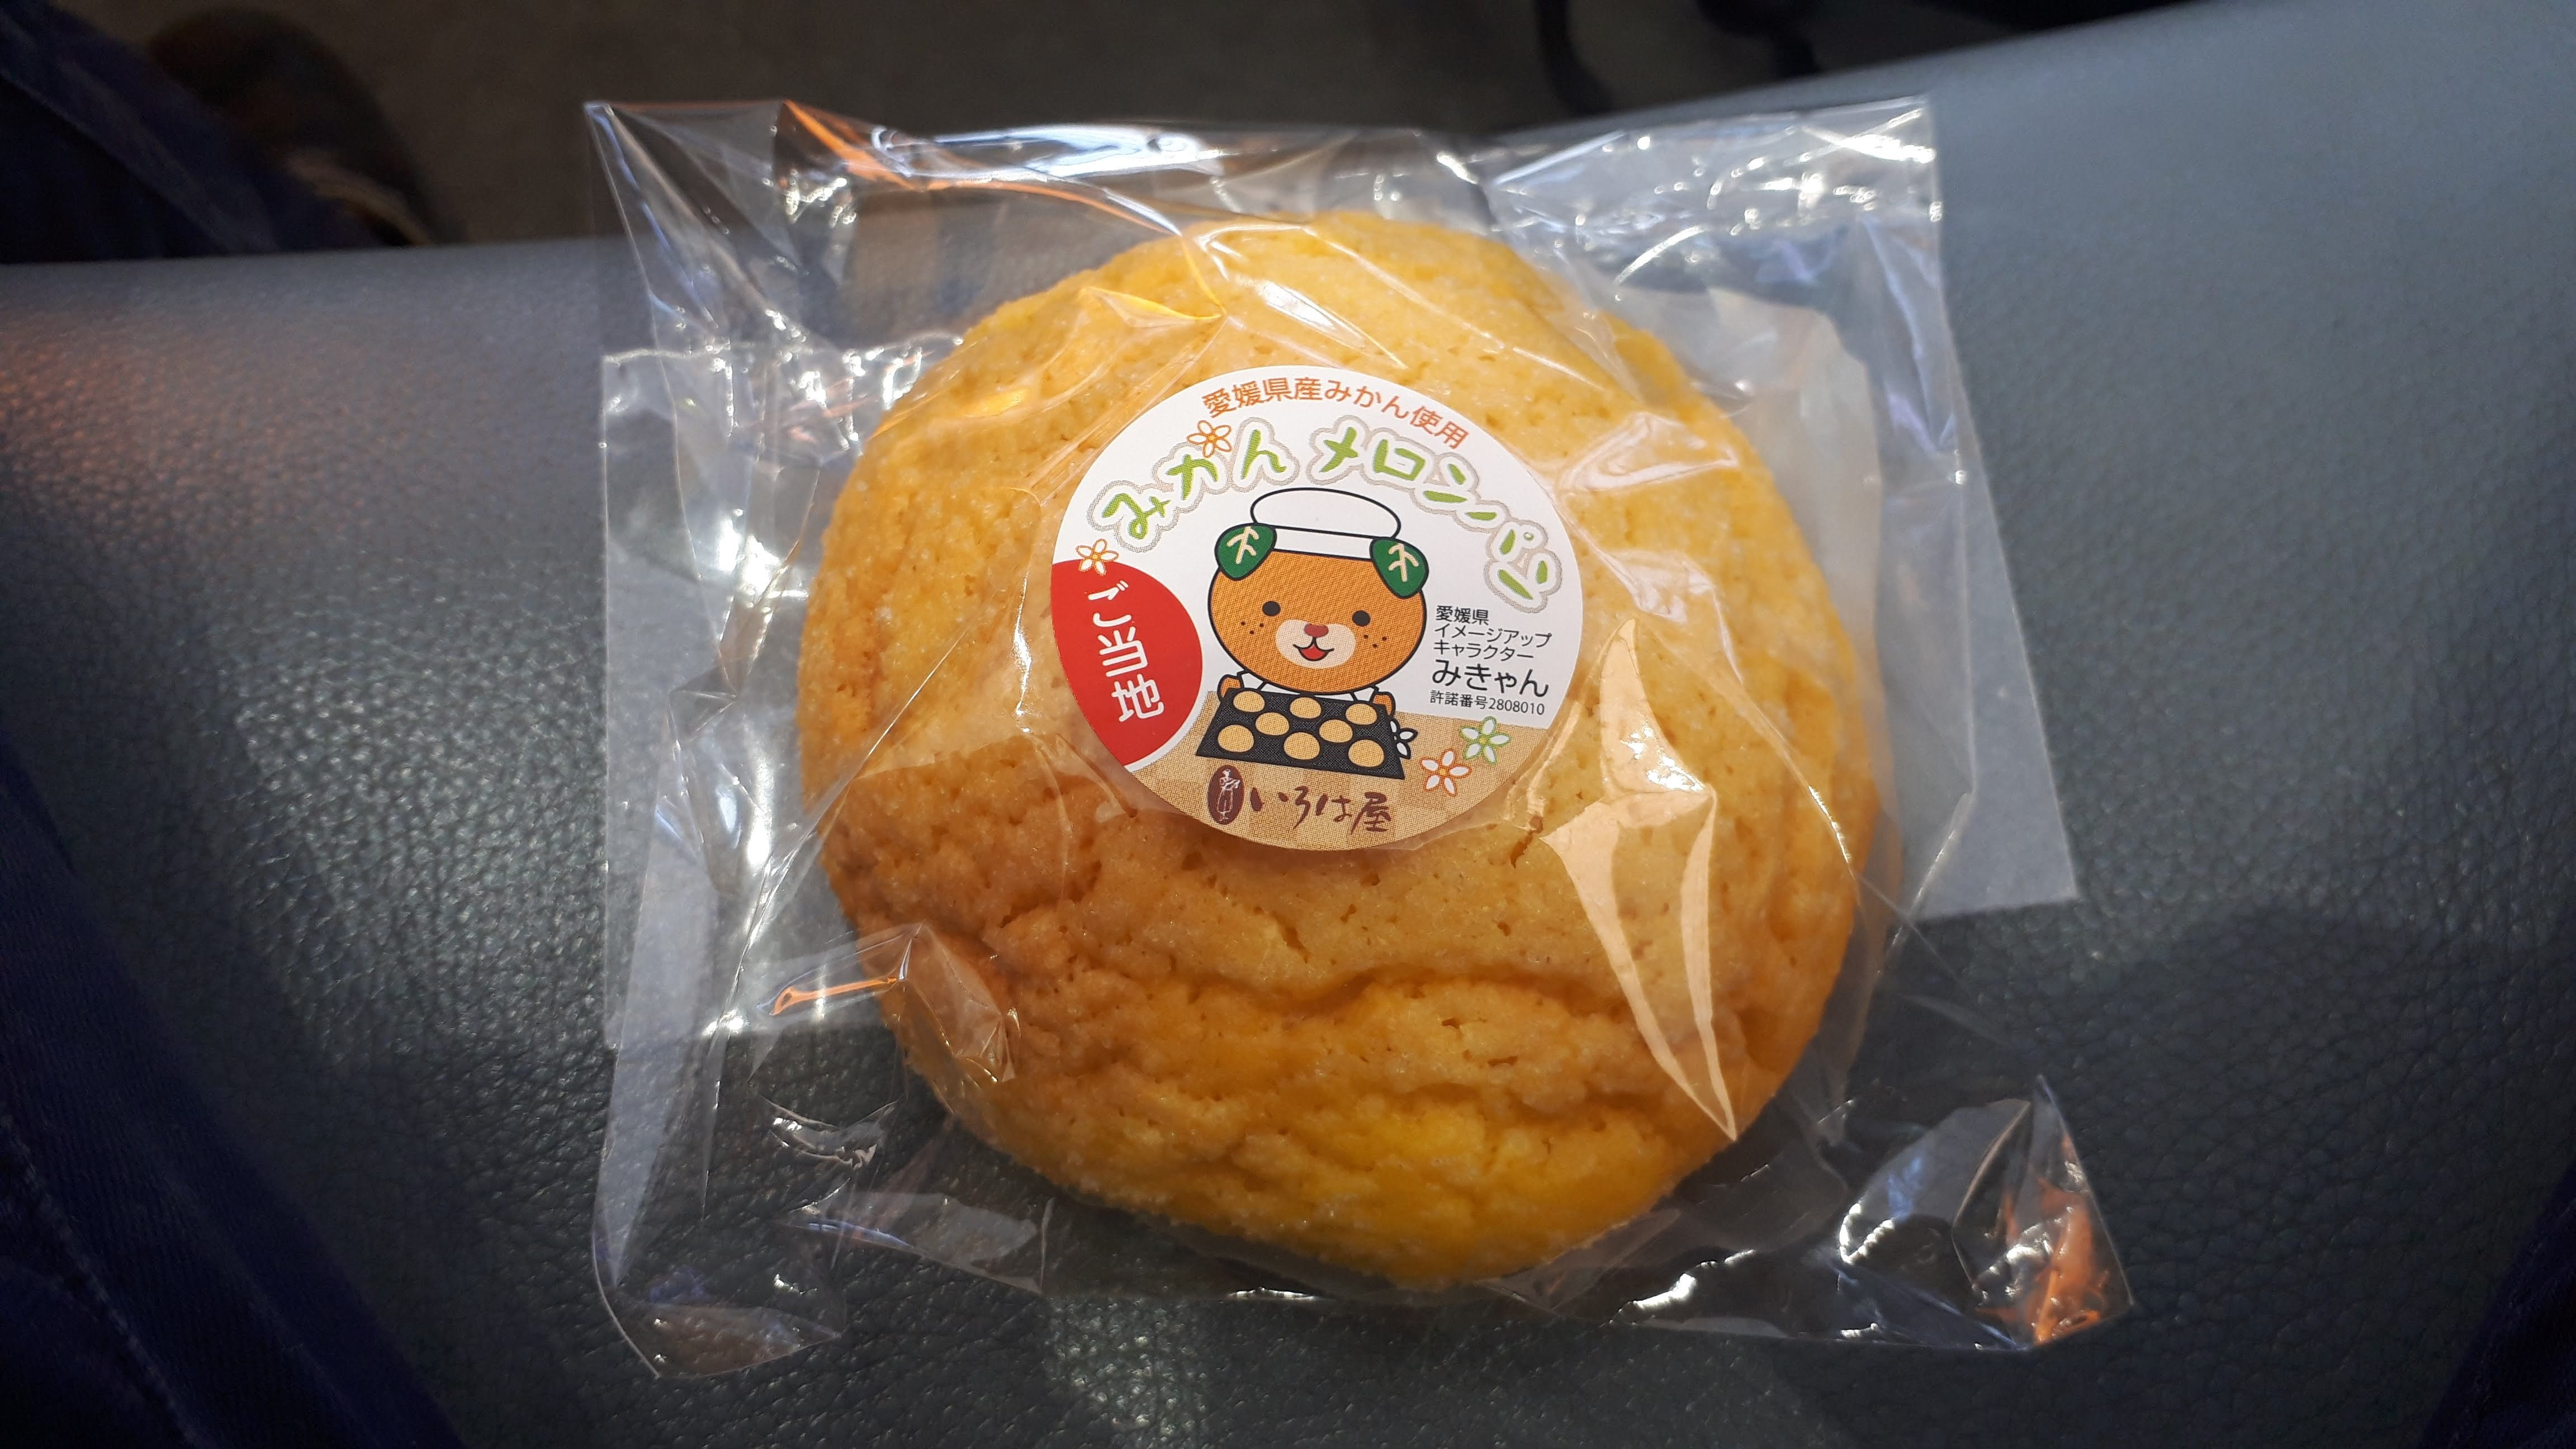 「みかん×メロンパン!?」愛媛に来たら食べてみたいみかん商品「みかんメロンパン」を食べてみた!